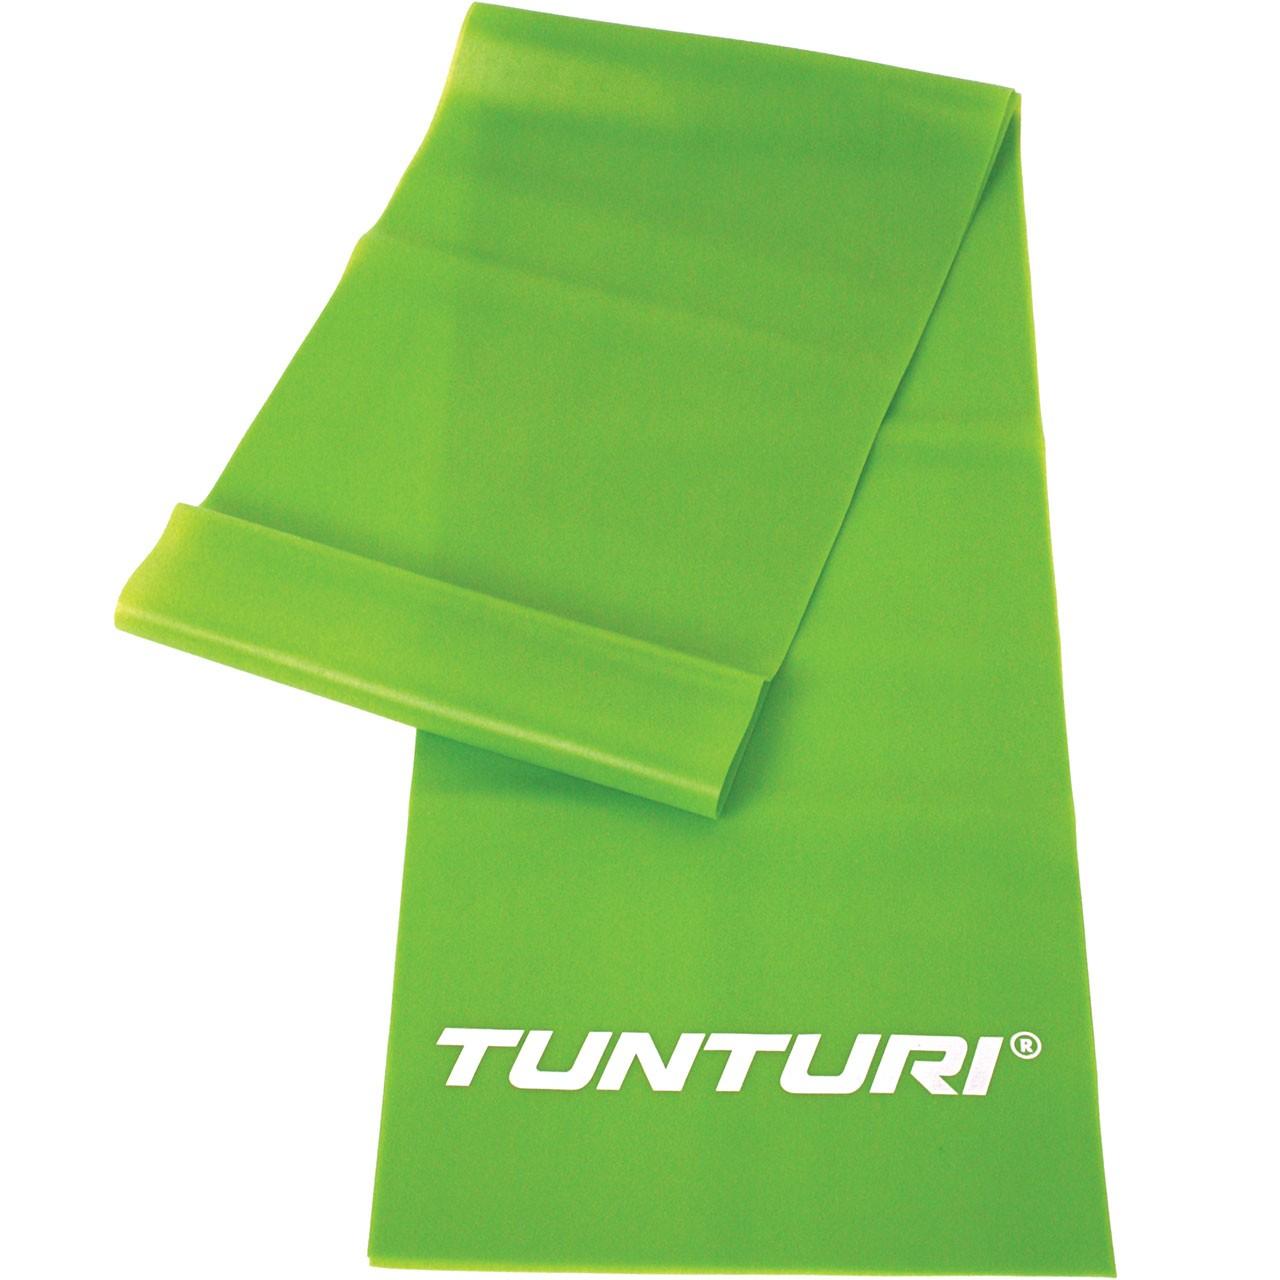 Posilovací gumový pás Aerobic band TUNTURI střední - zelený